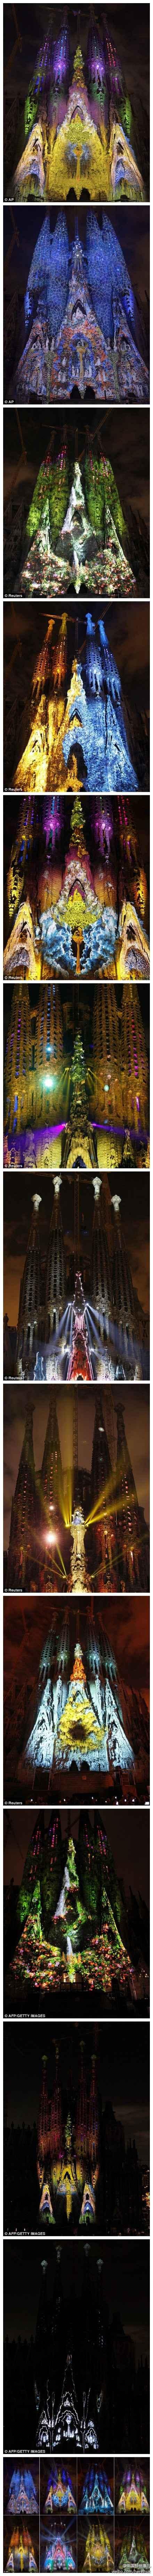 当巴塞罗那圣家堂遇上彩色投影灯。。。。。整个场景奇幻到爆了!!!